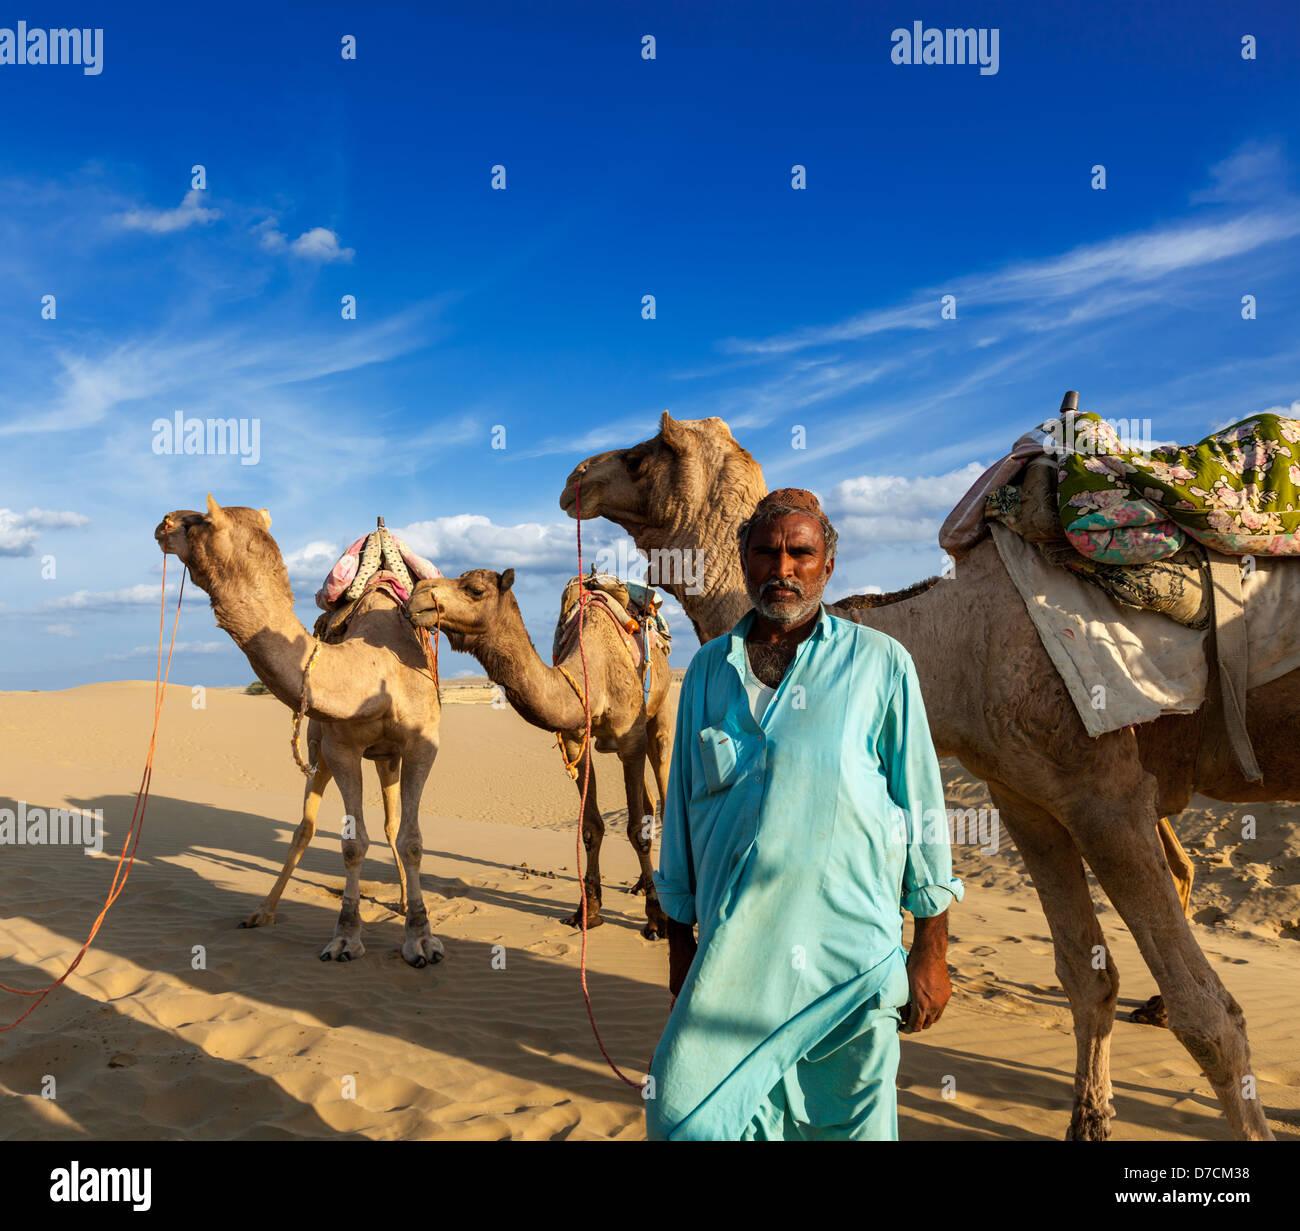 Rajasthan Reisen Hintergrund - indischer Mann Nomadenlager (Kamel-Treiber) Porträt mit Kamelen in die Dünen Stockbild